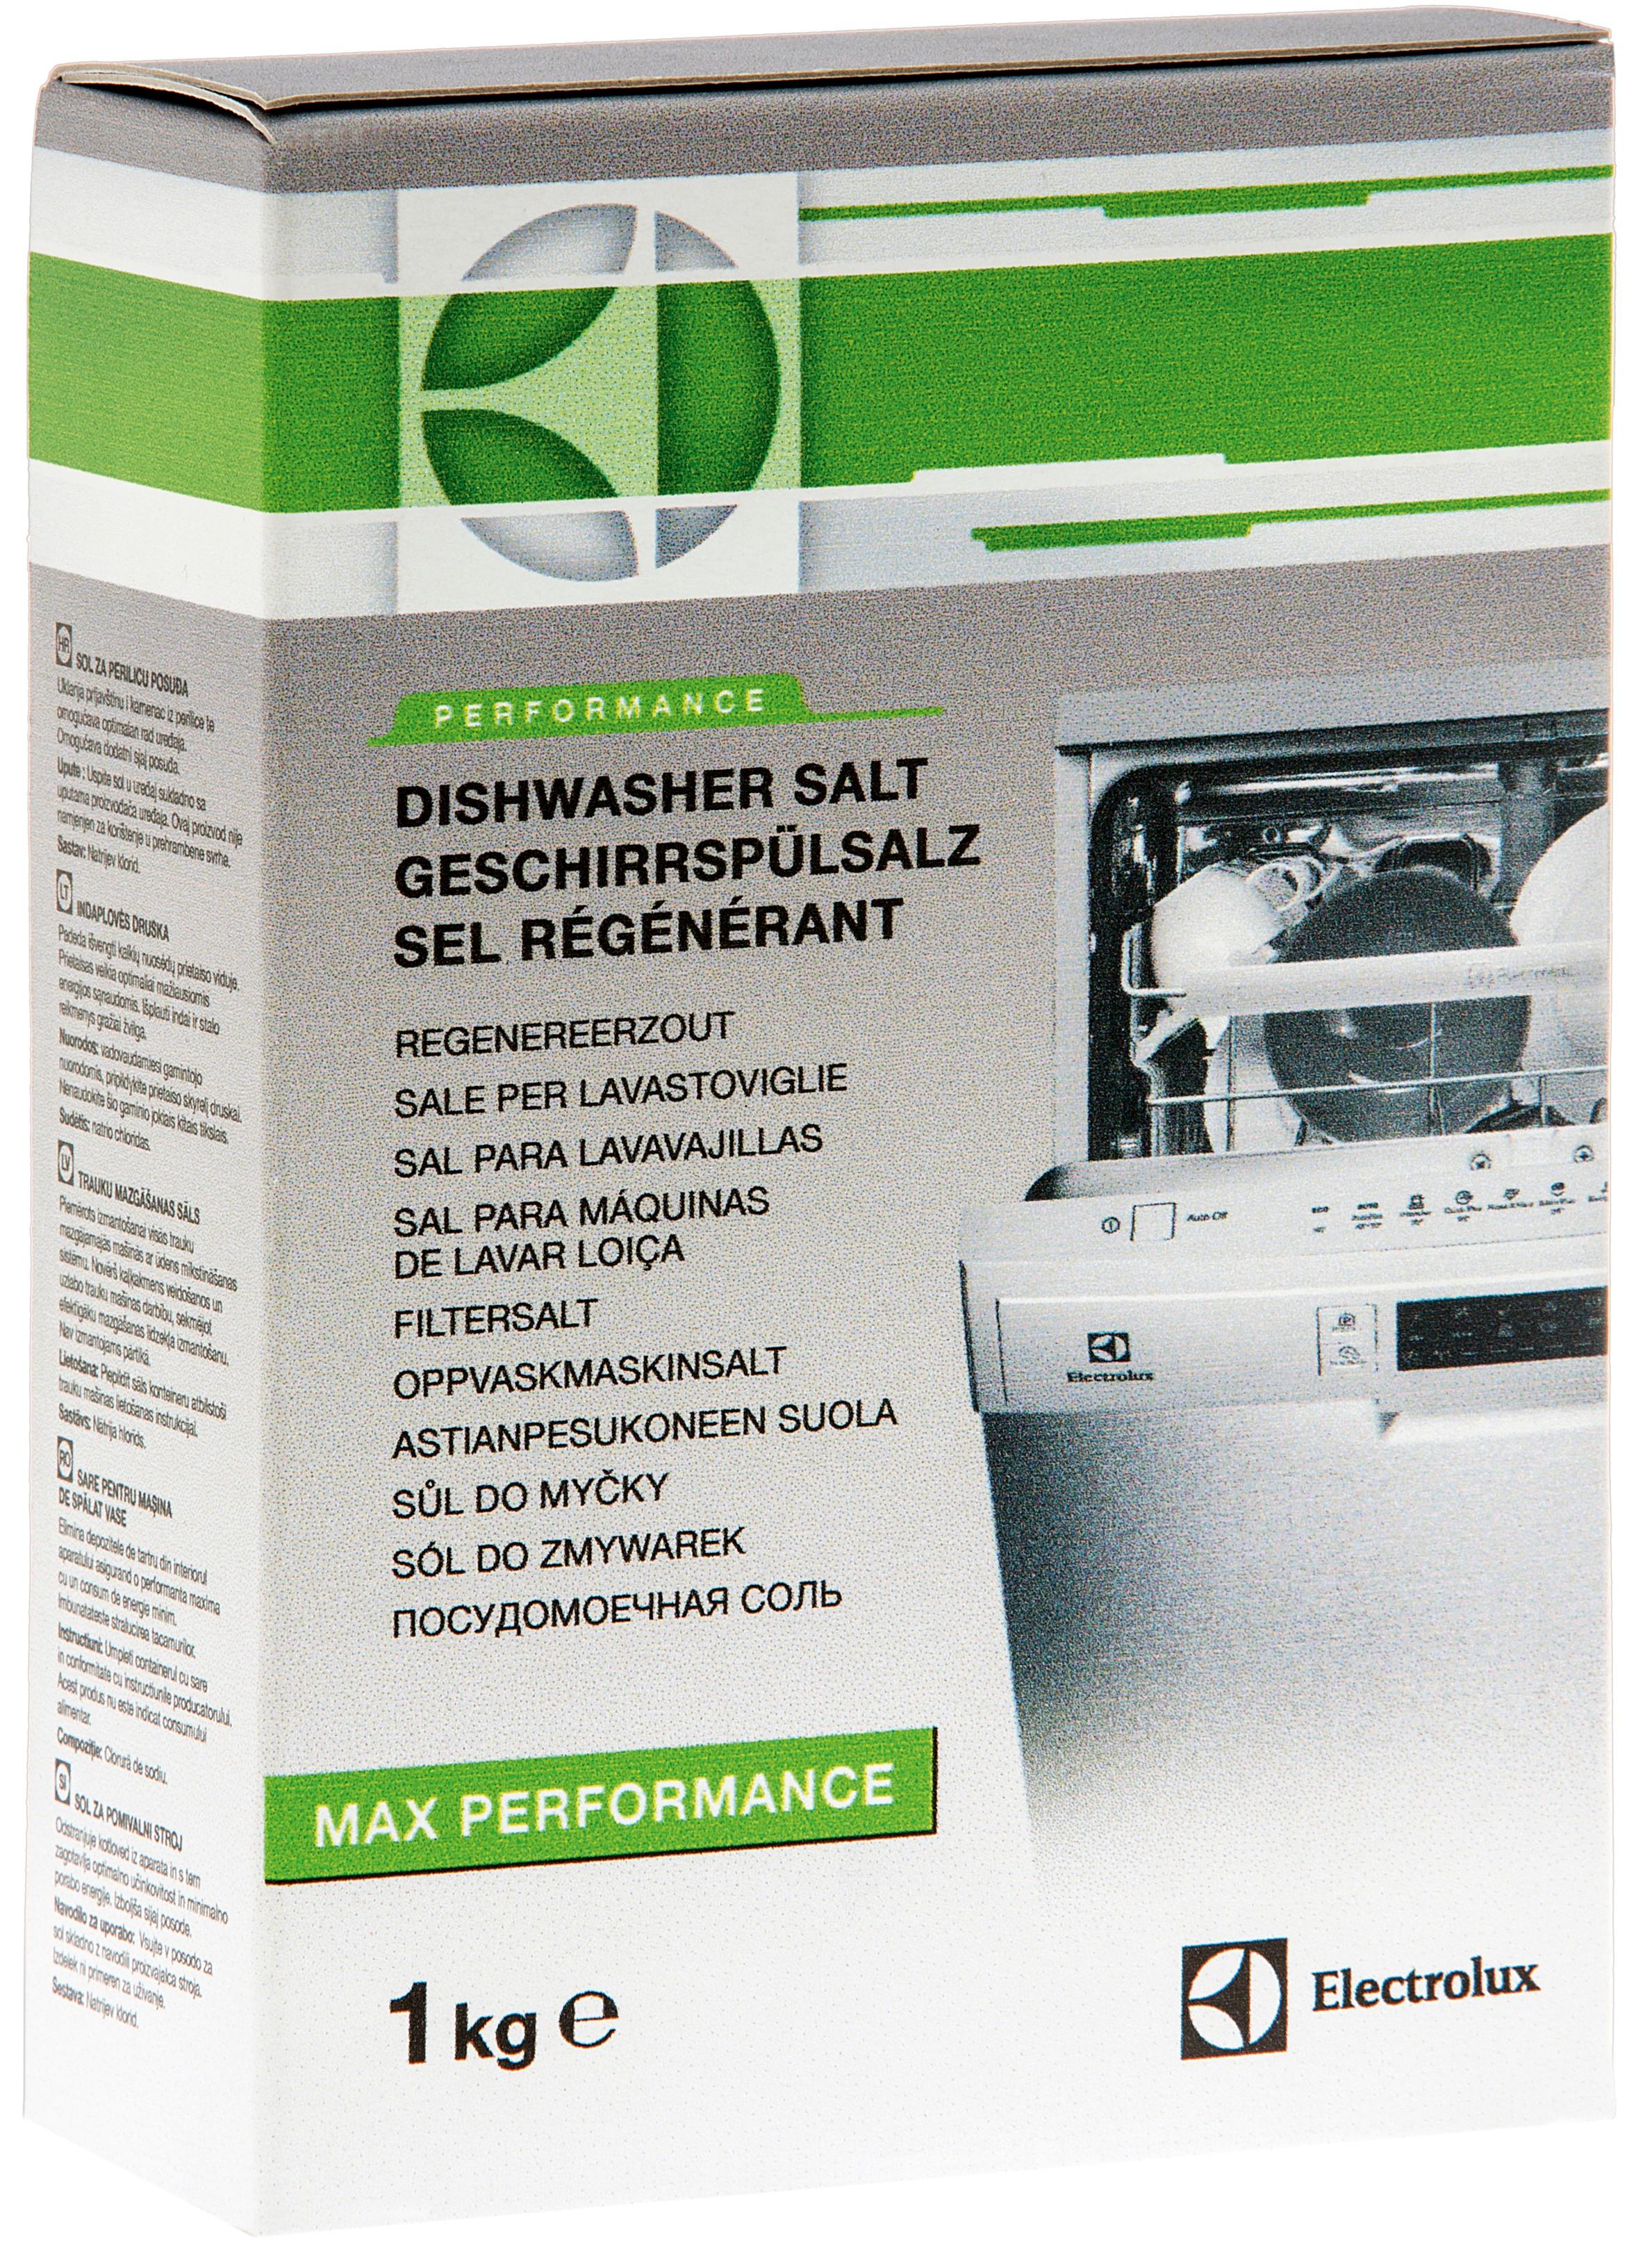 207449 : Electrolux salt til oppvaskmaskin 1 kg